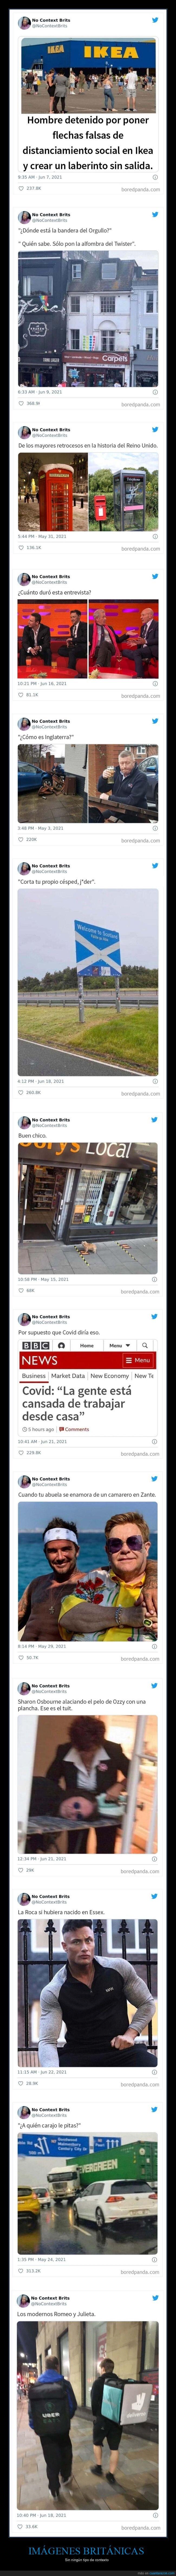 imágenes británicas,sin contexto